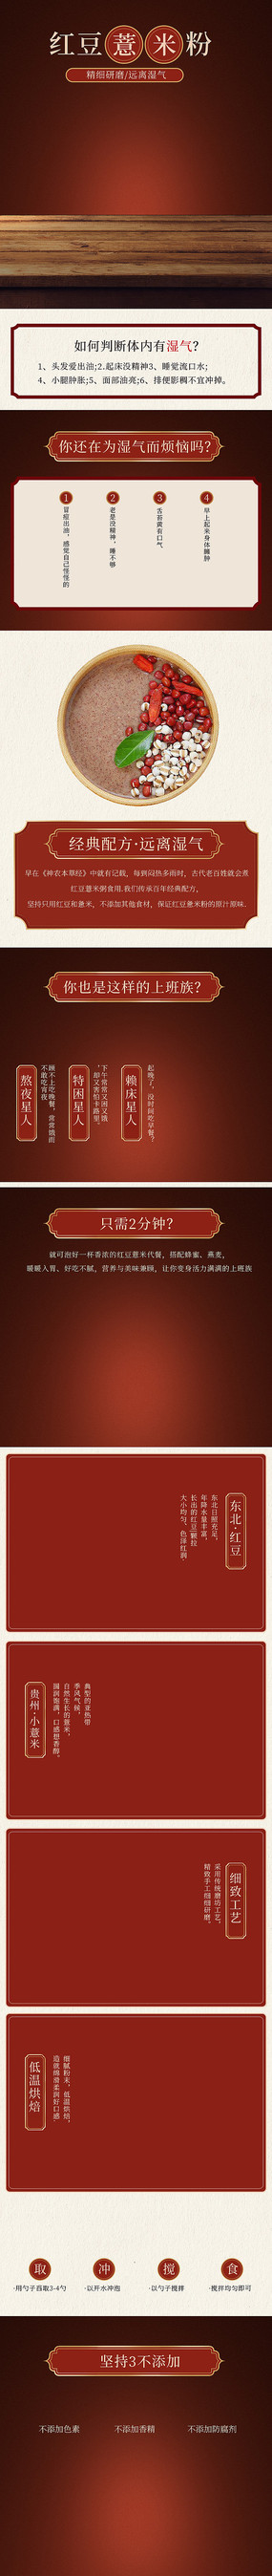 红豆薏米粉详情页产品描述模板 PSD